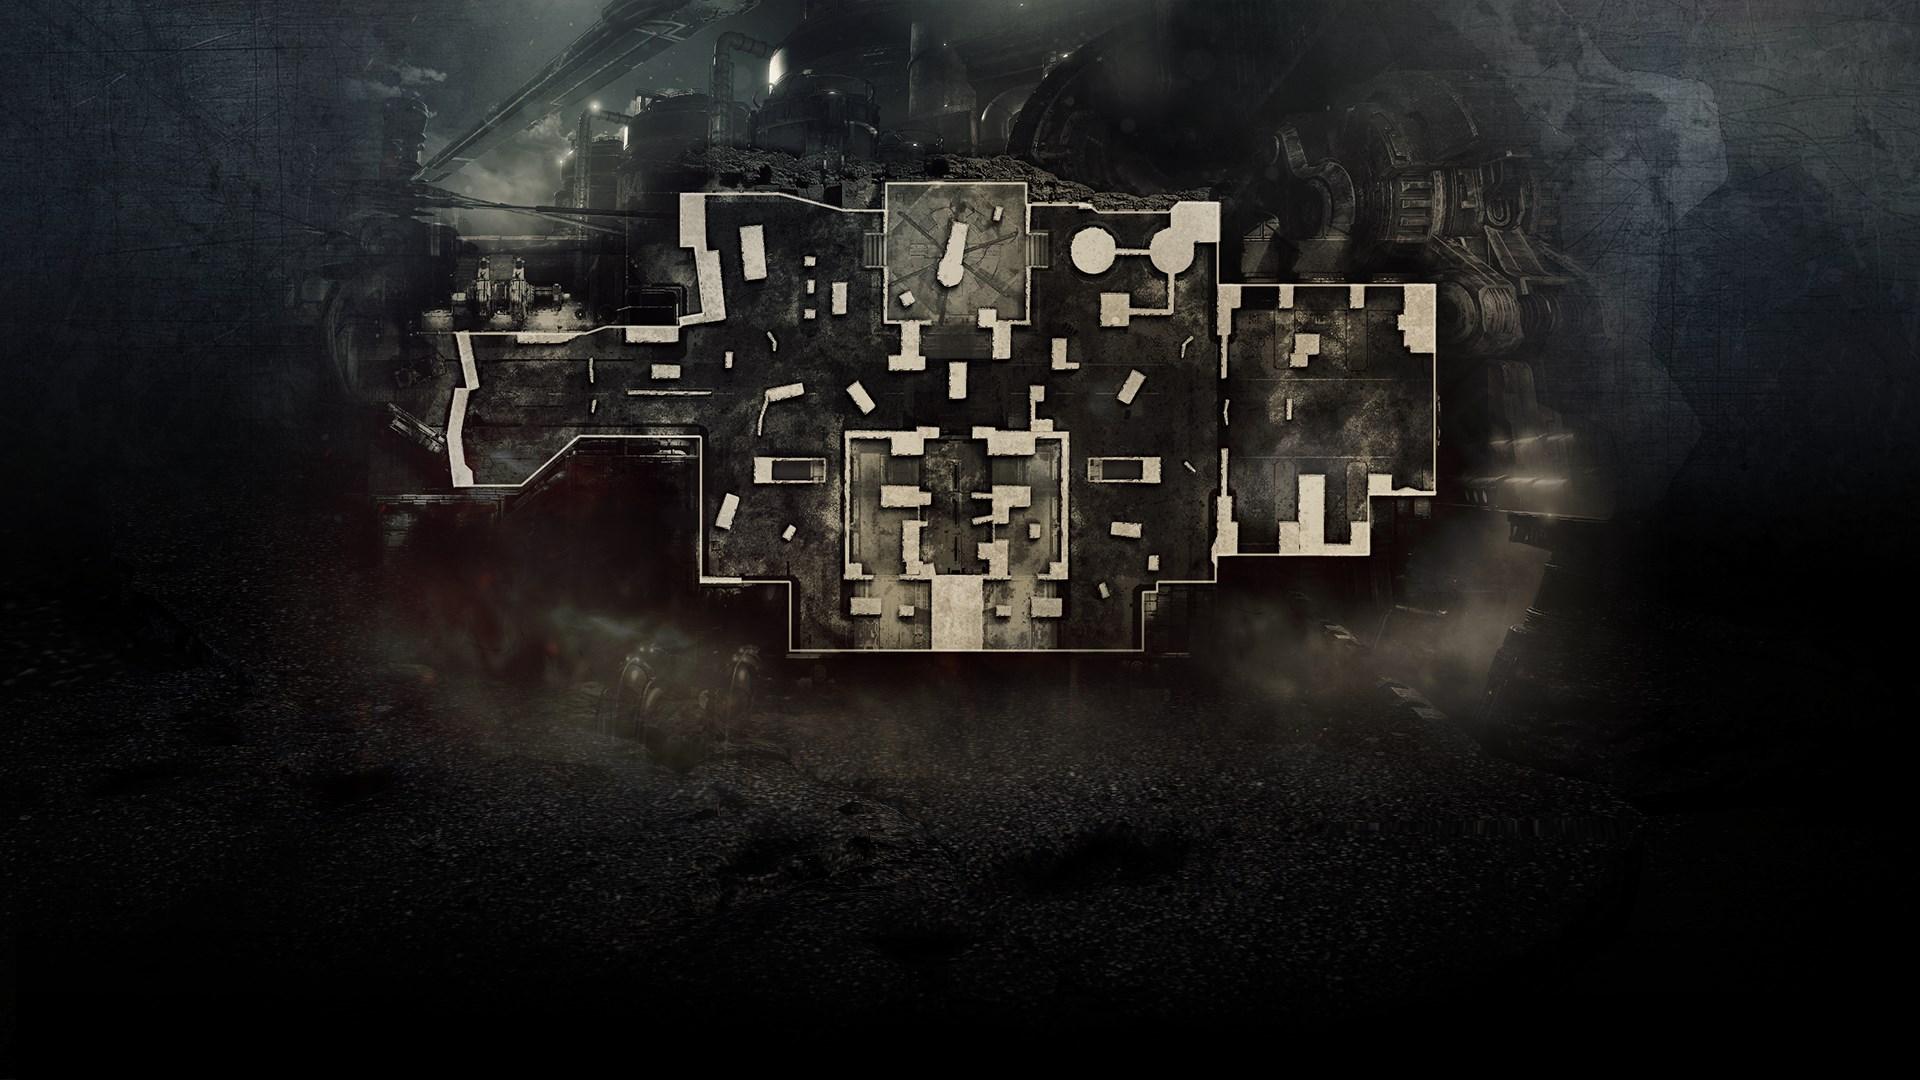 Карта: «Топливный склад»